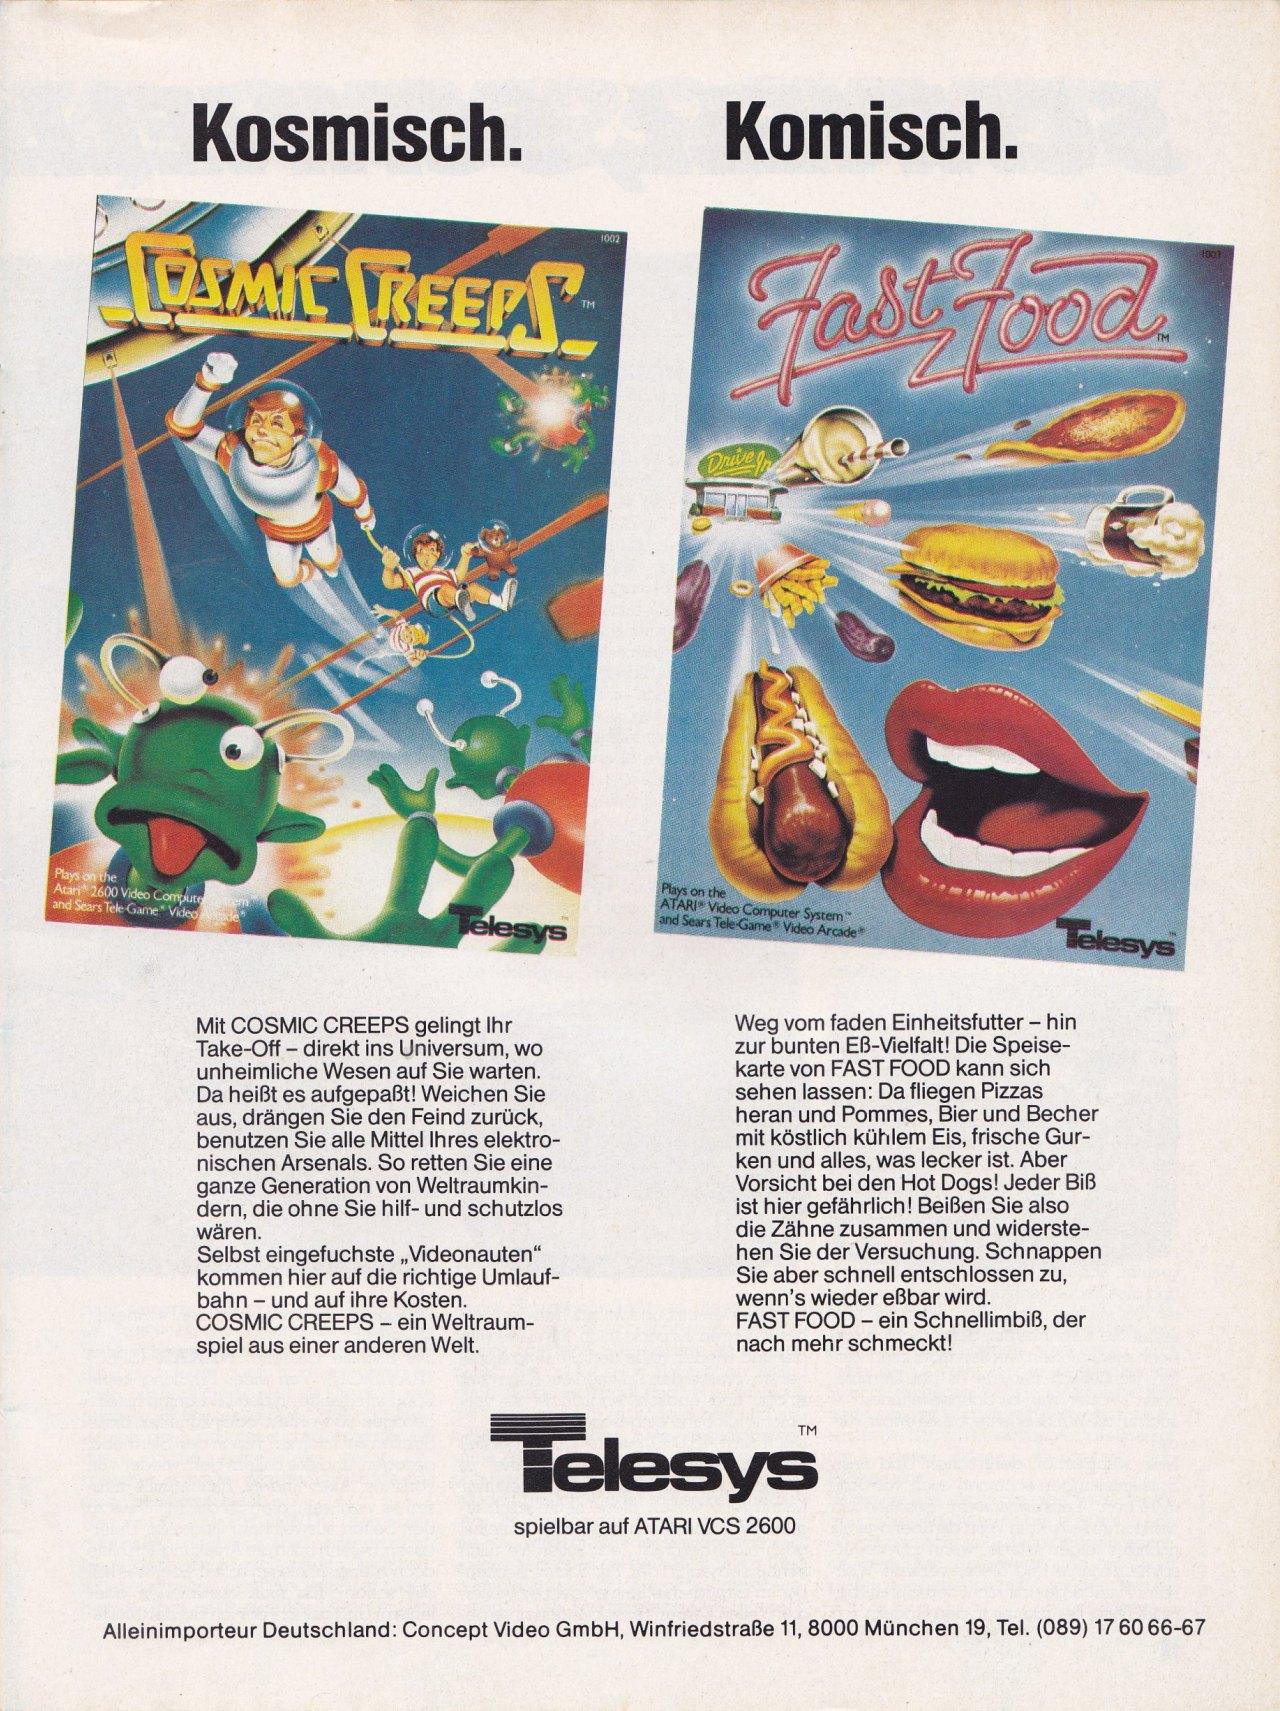 Atari 2600 VCS Ads Page 15